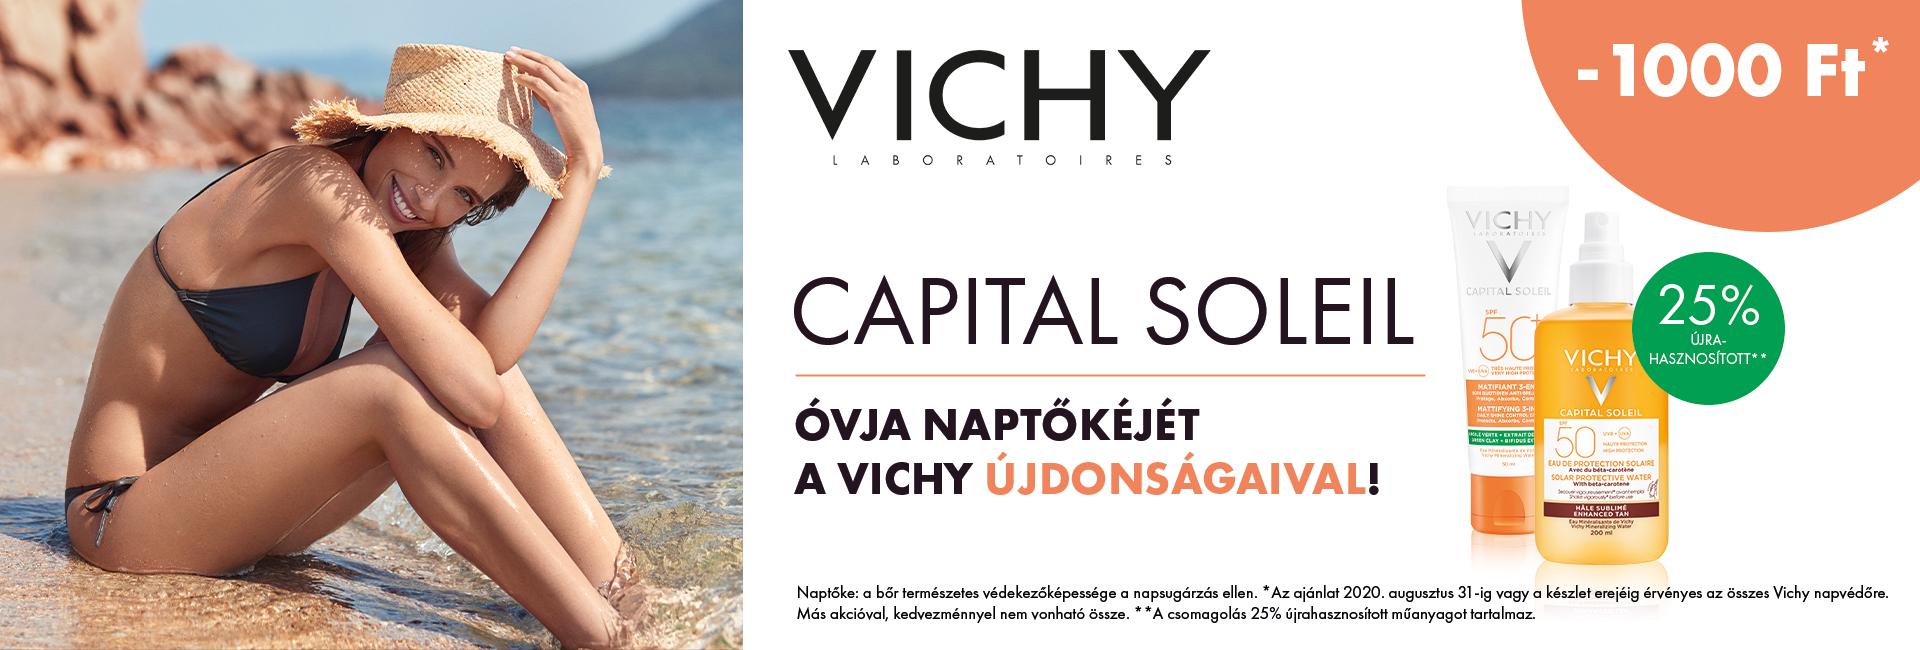 Minden Vichy Ideal Soleil és Capital Soleil napozót 1.000 Ft kedvezménnyel kínálunk!